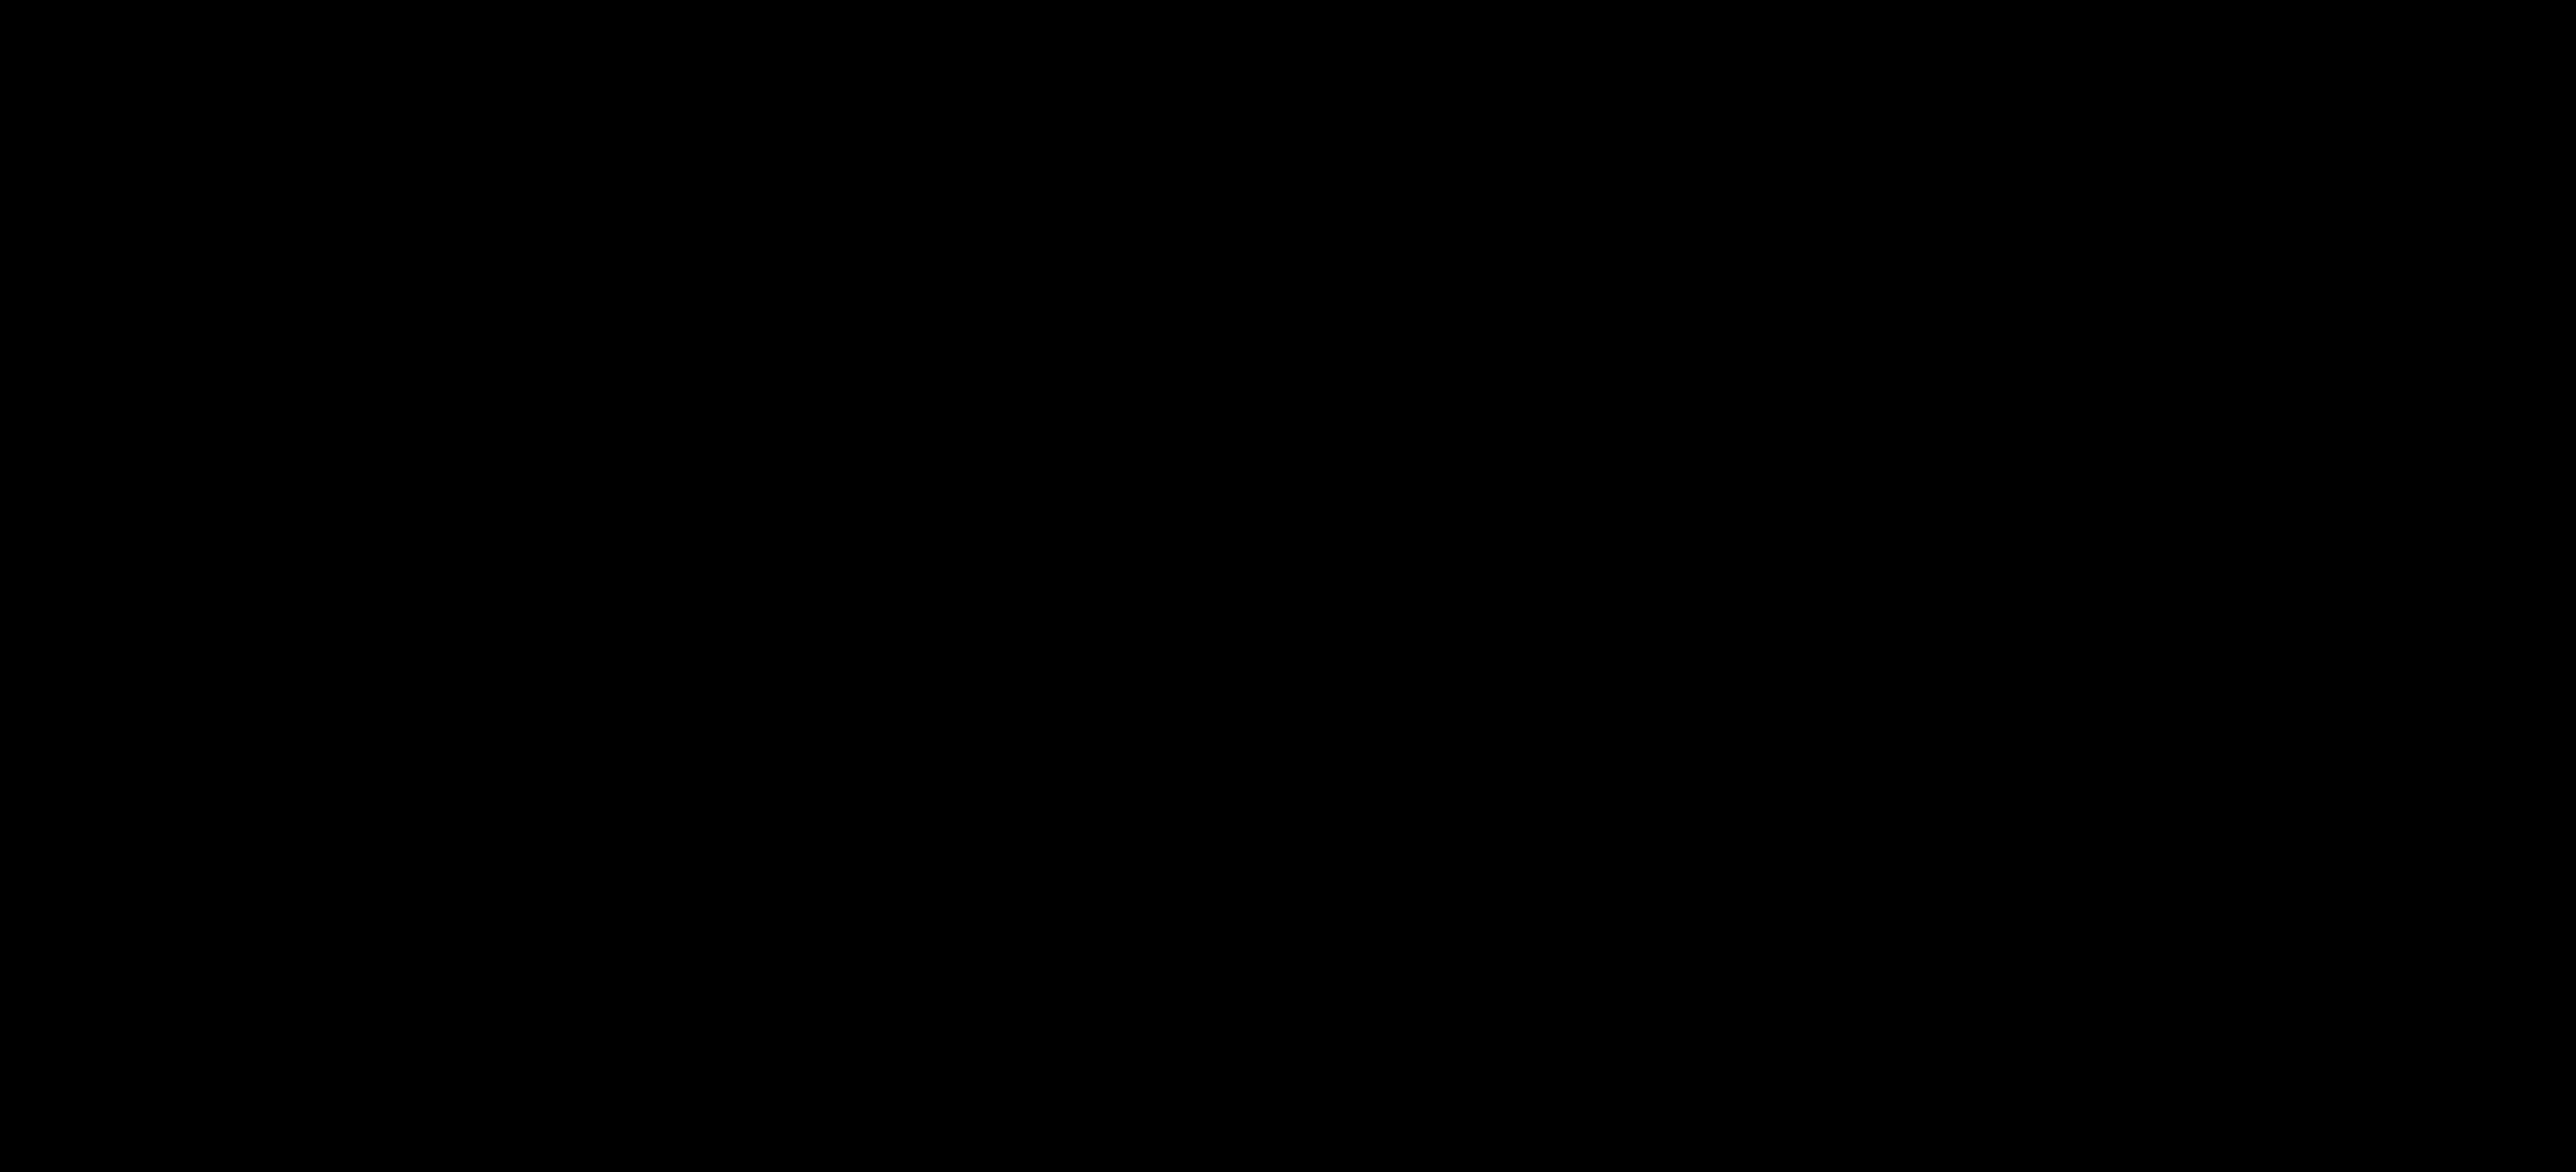 URSA Mini 4.6K Rolling Shutter Test